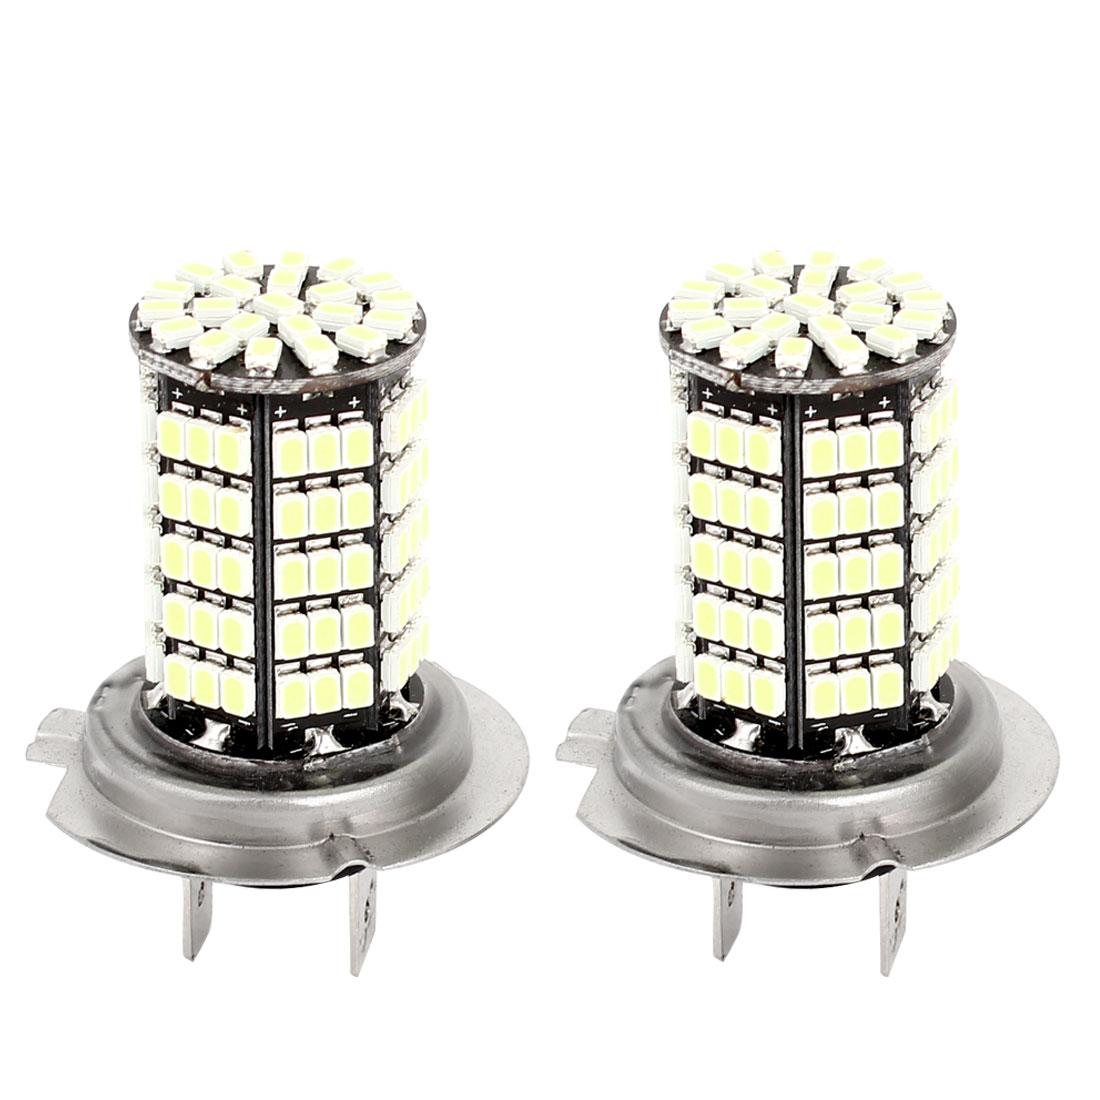 Car H7 127 LED 1206 LED Bulb Headlight Fog Light Lamps DC12V White 2 Pcs